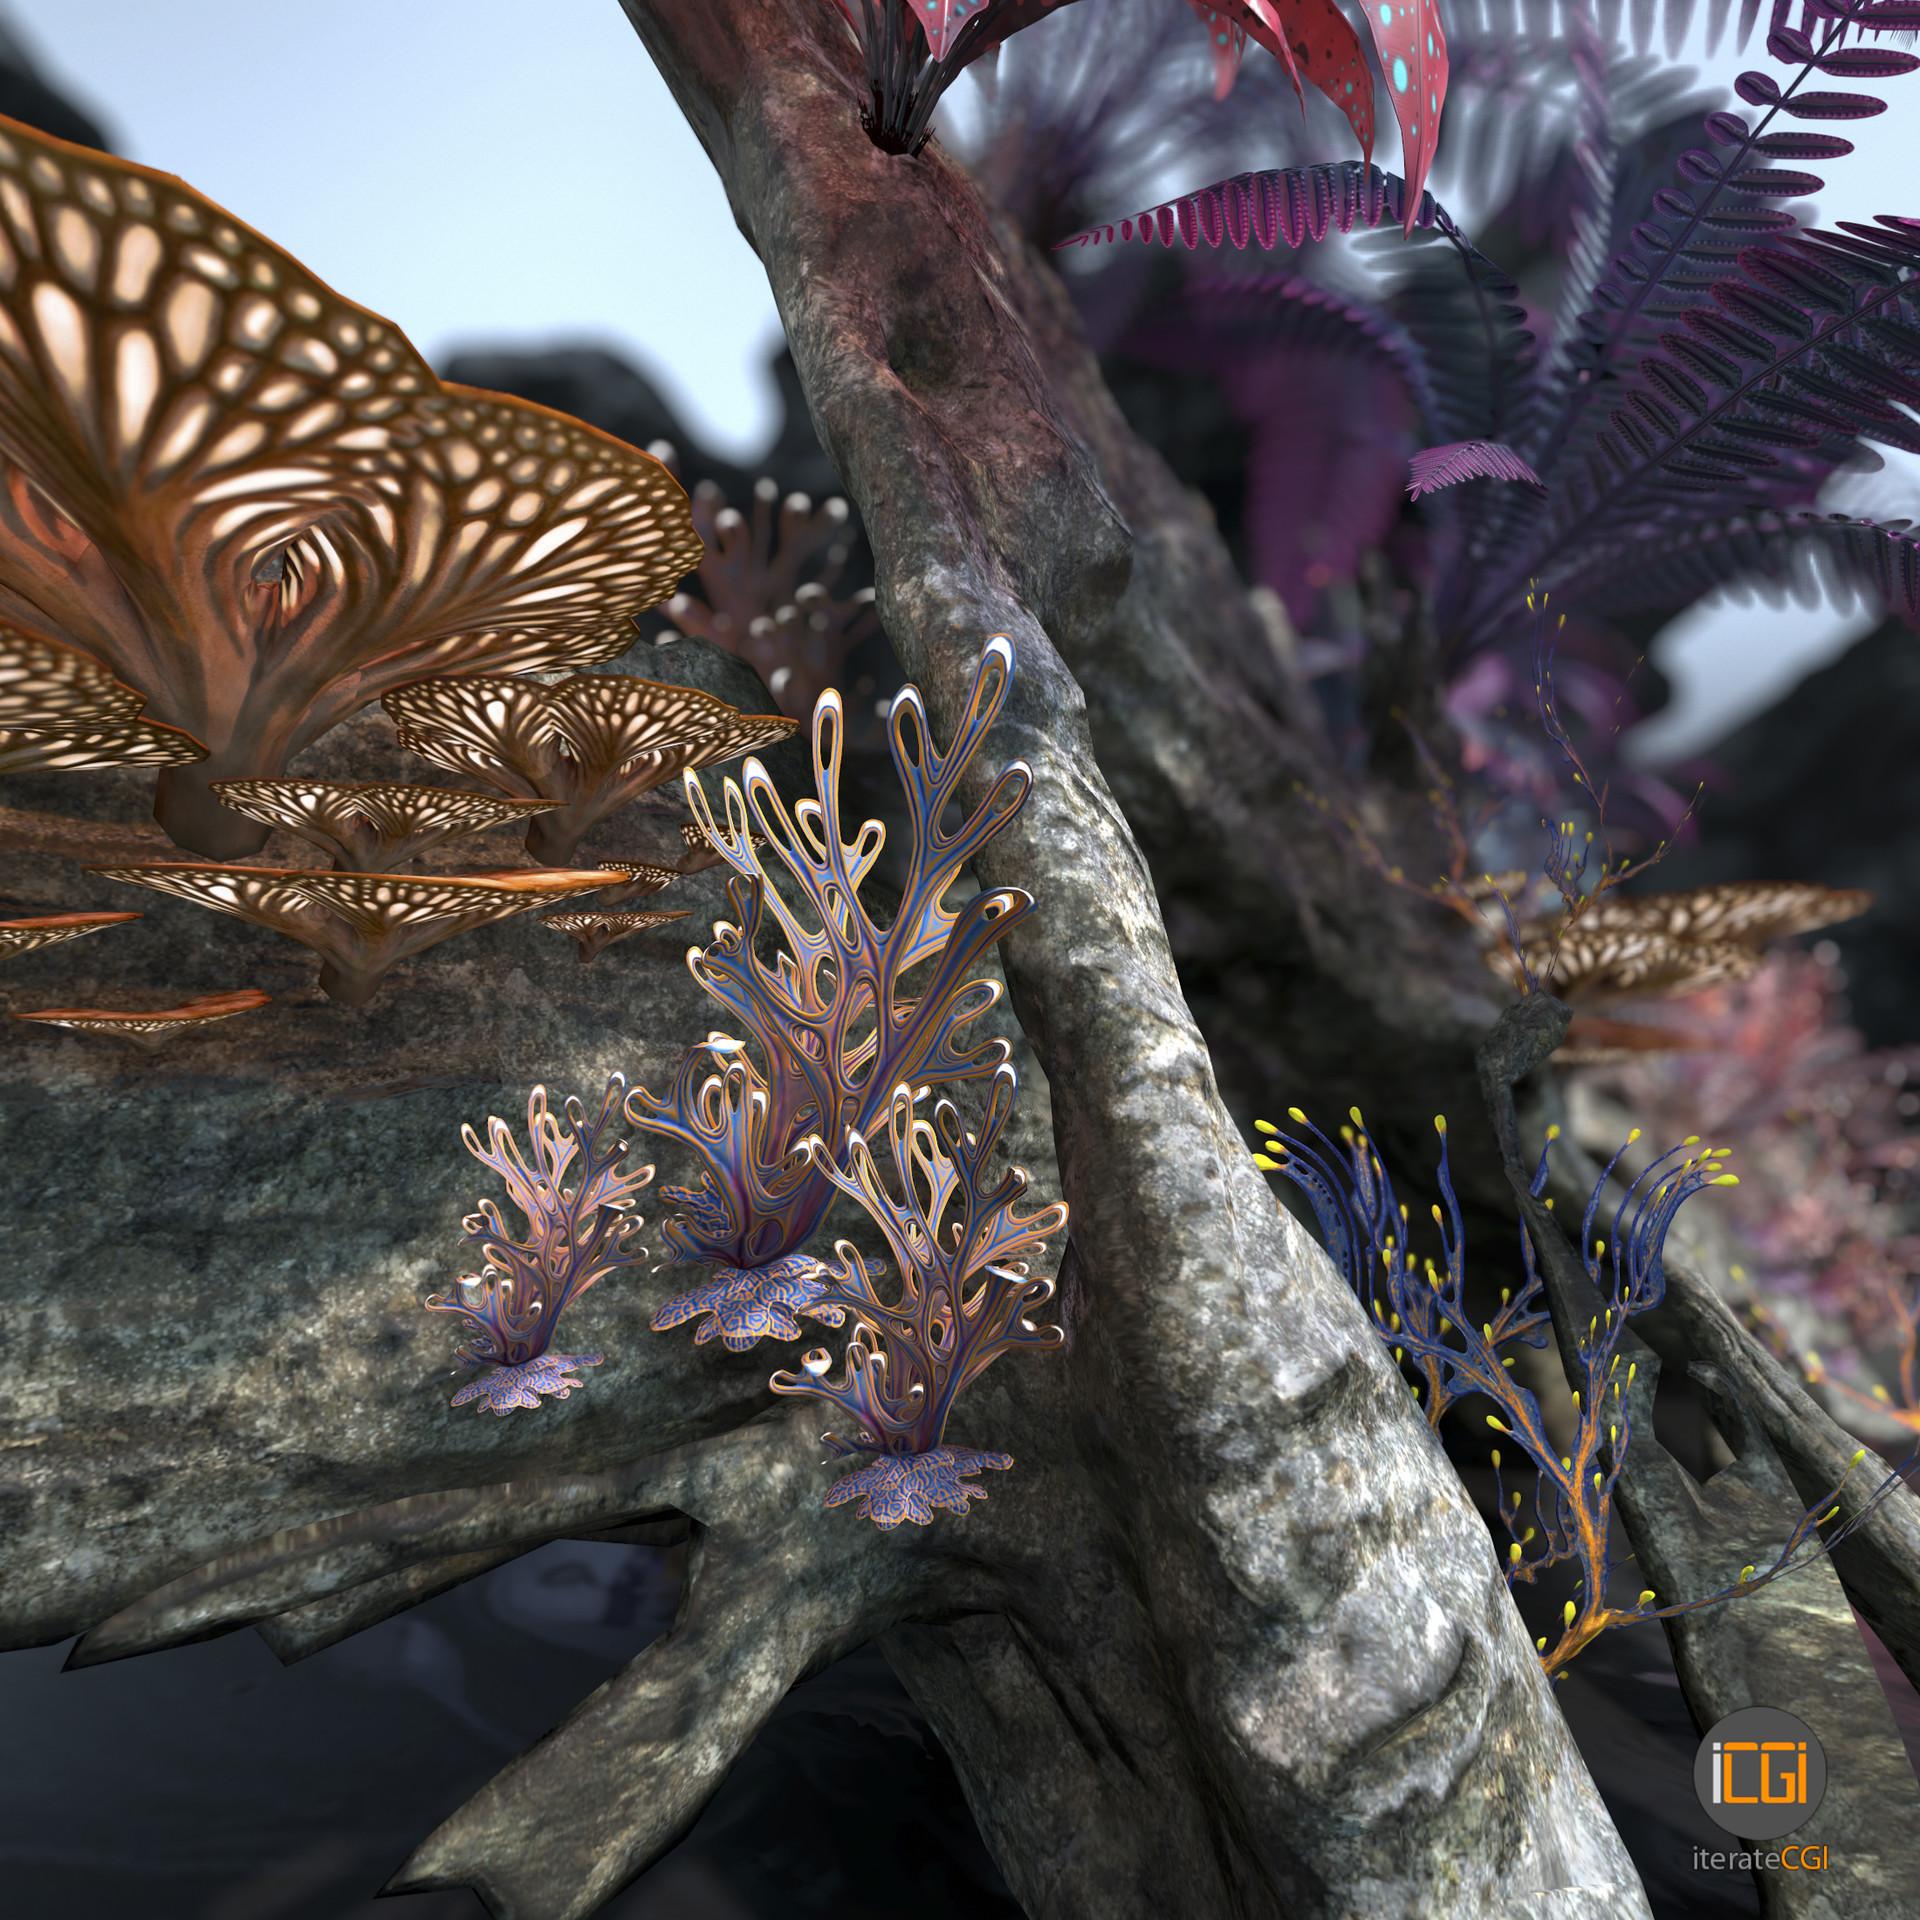 Johan de leenheer alien plant collection18